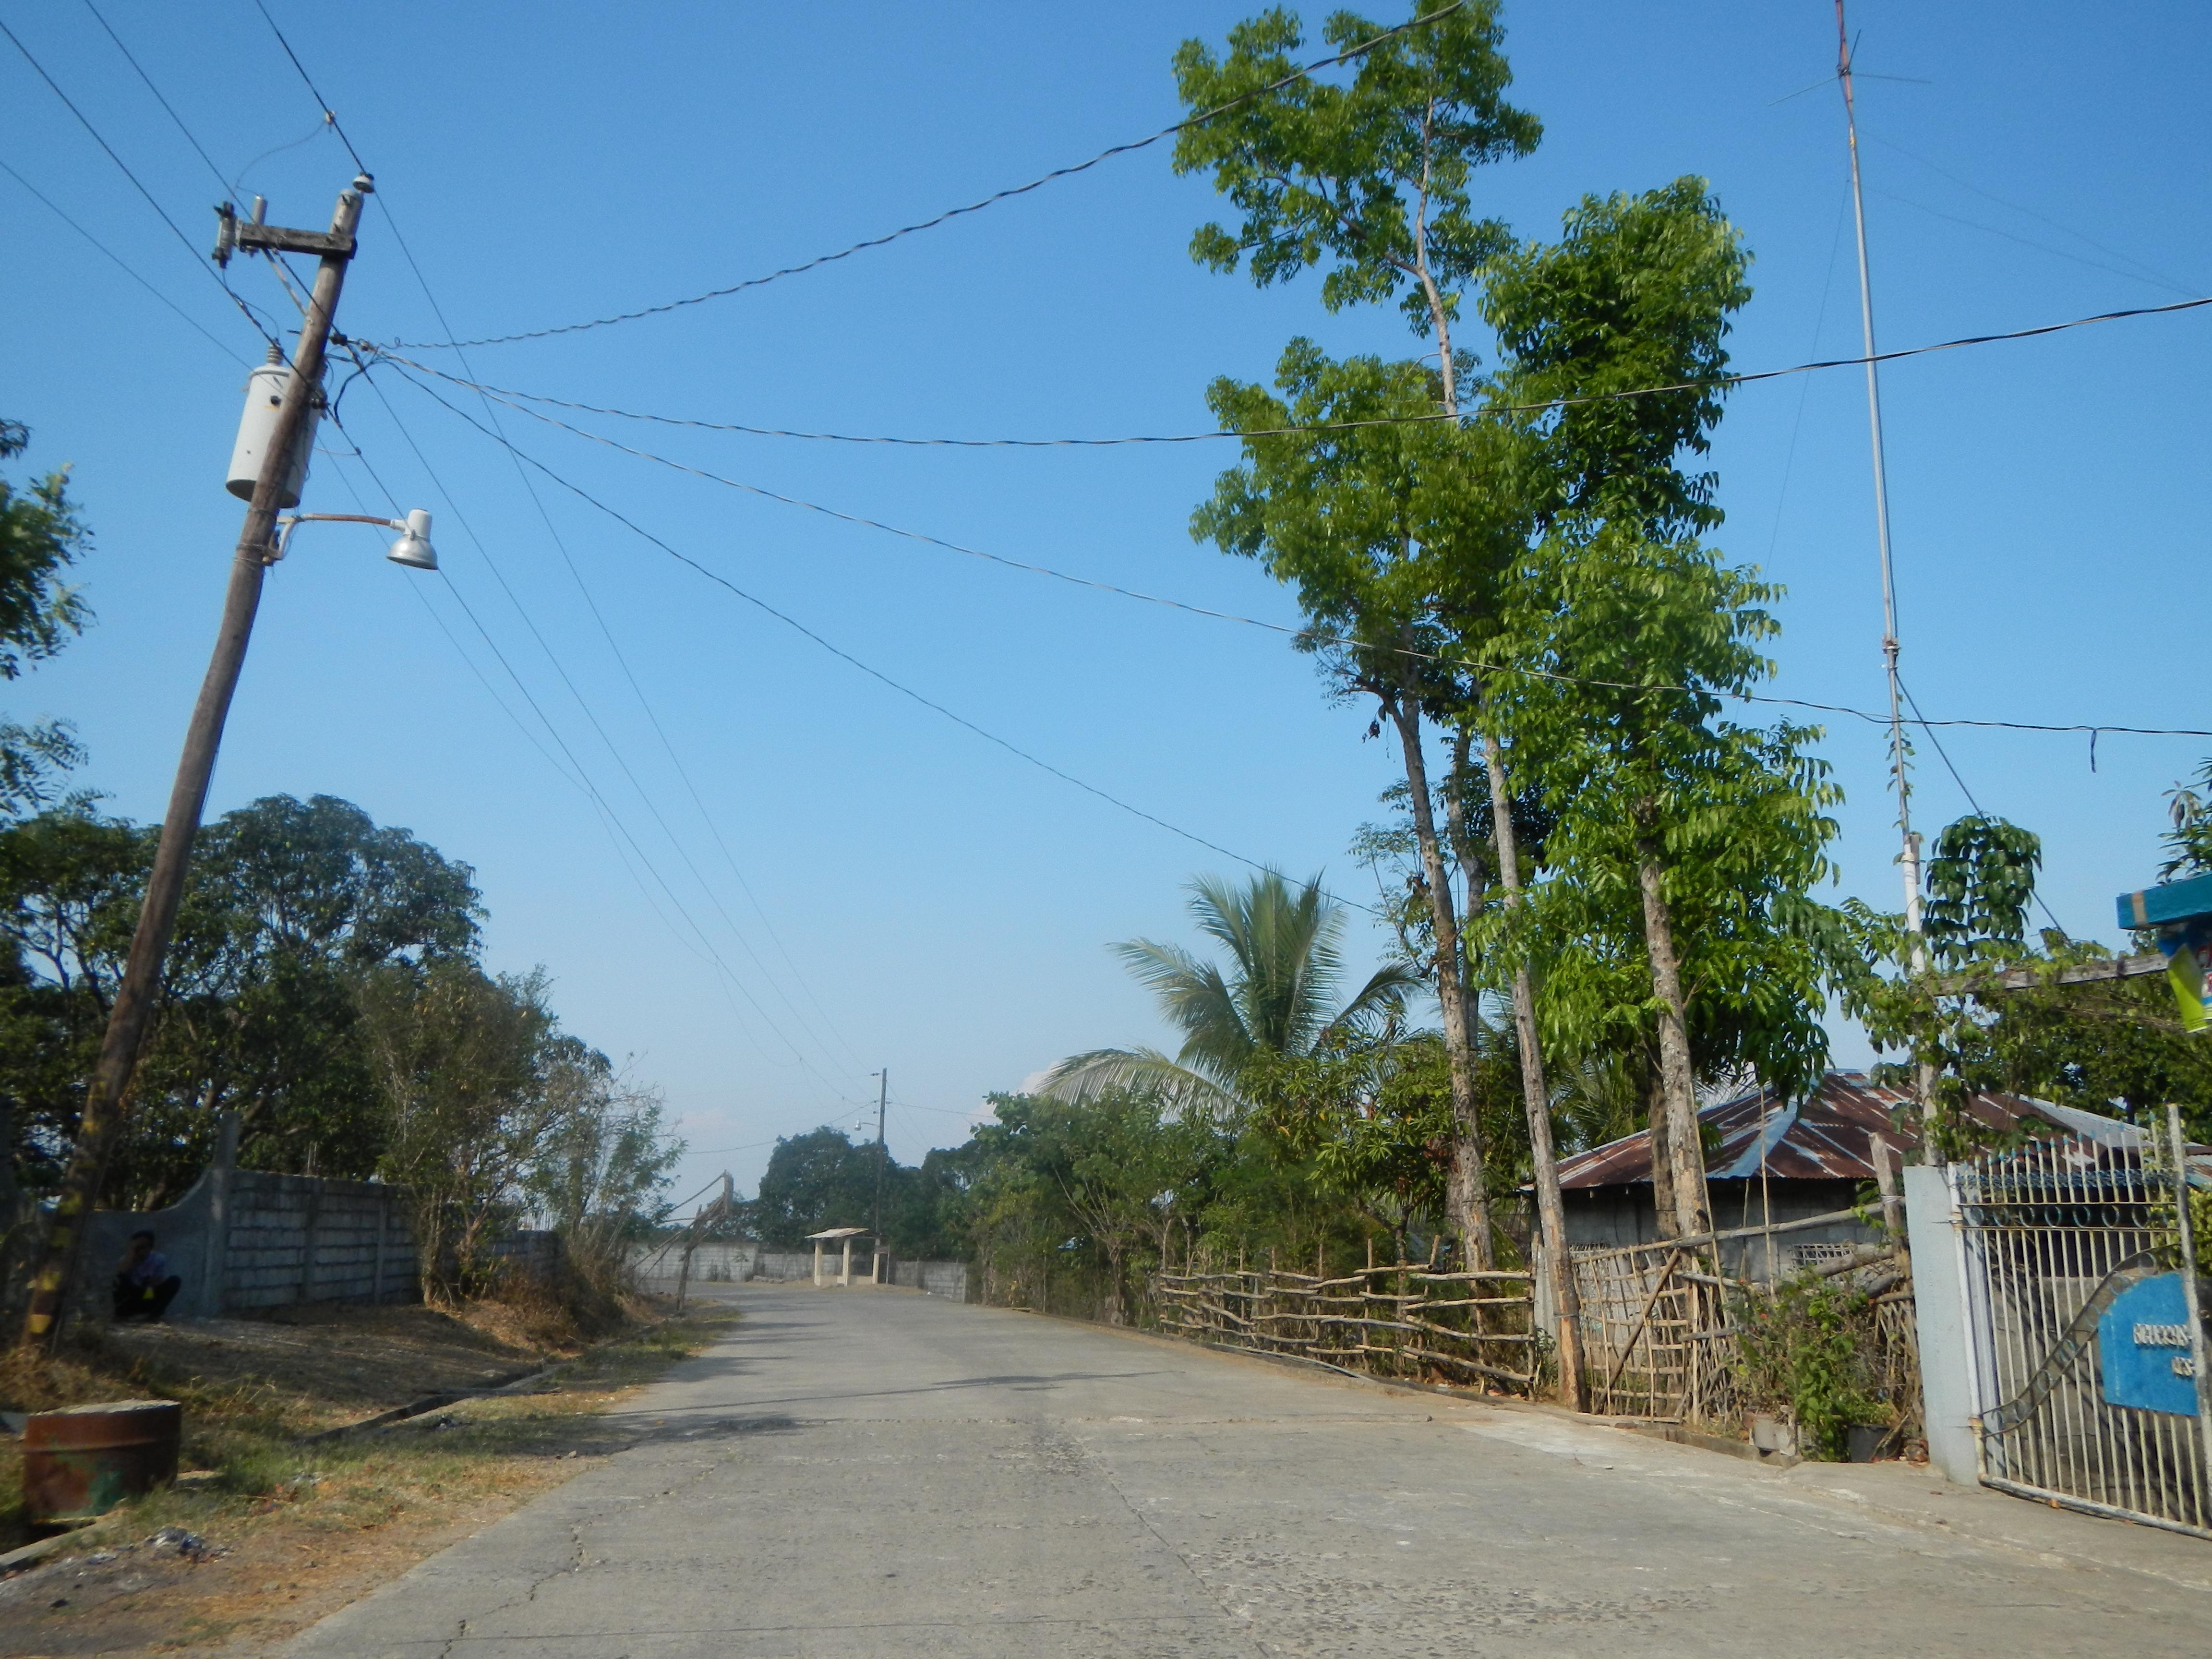 File:2722jfSibul Bataan Hermosa Orani Bataanfvf 21.JPG